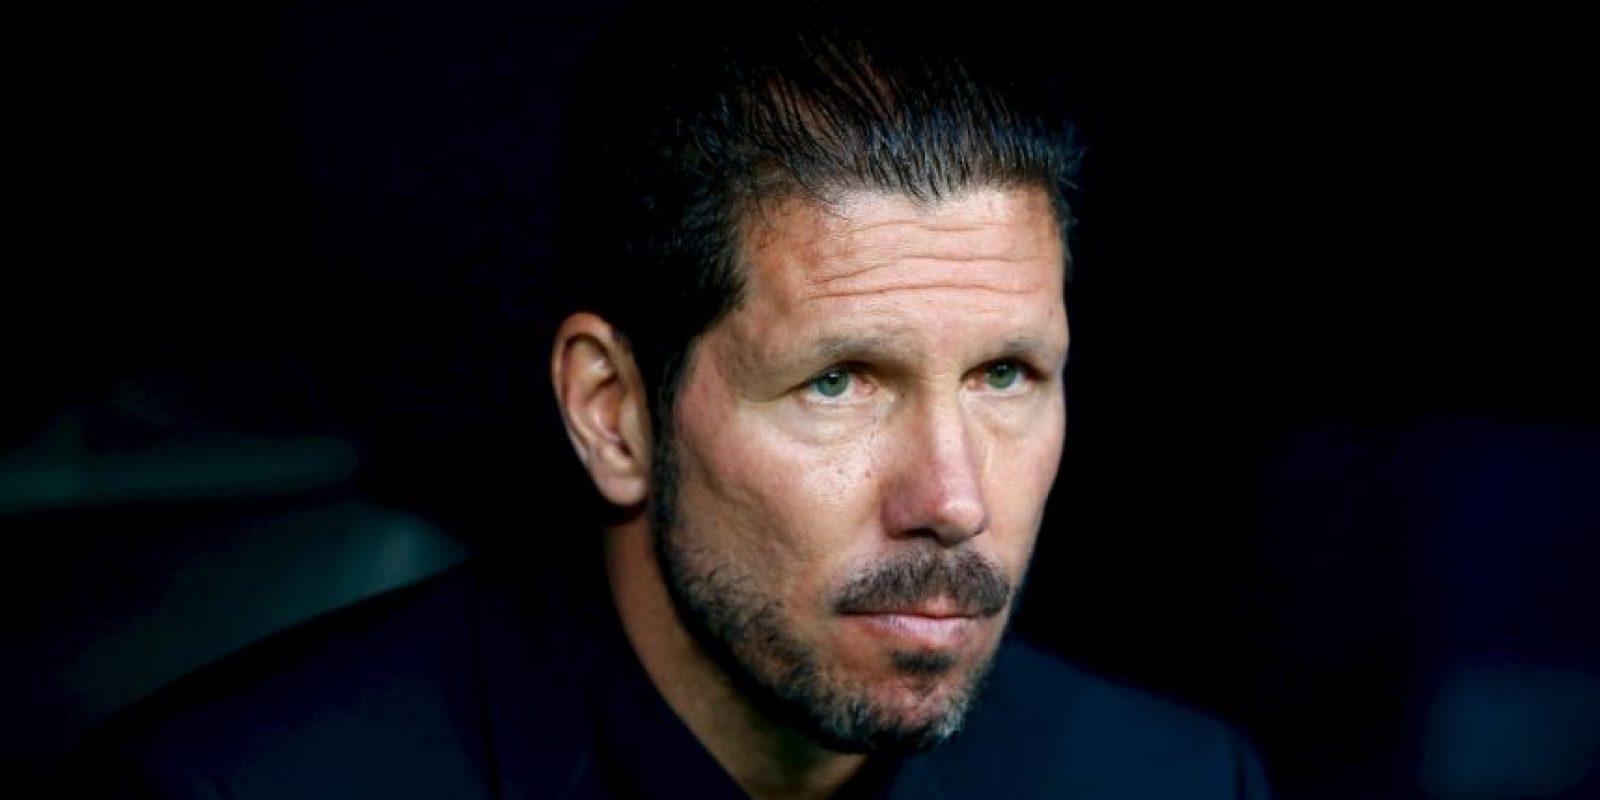 """El """"Cholo"""" lleva gastados 246 millones de euros desde su etapa como entrenador en Argentina, hasta su gestión al frente del Atlético de Madrid. Foto:Getty Images"""